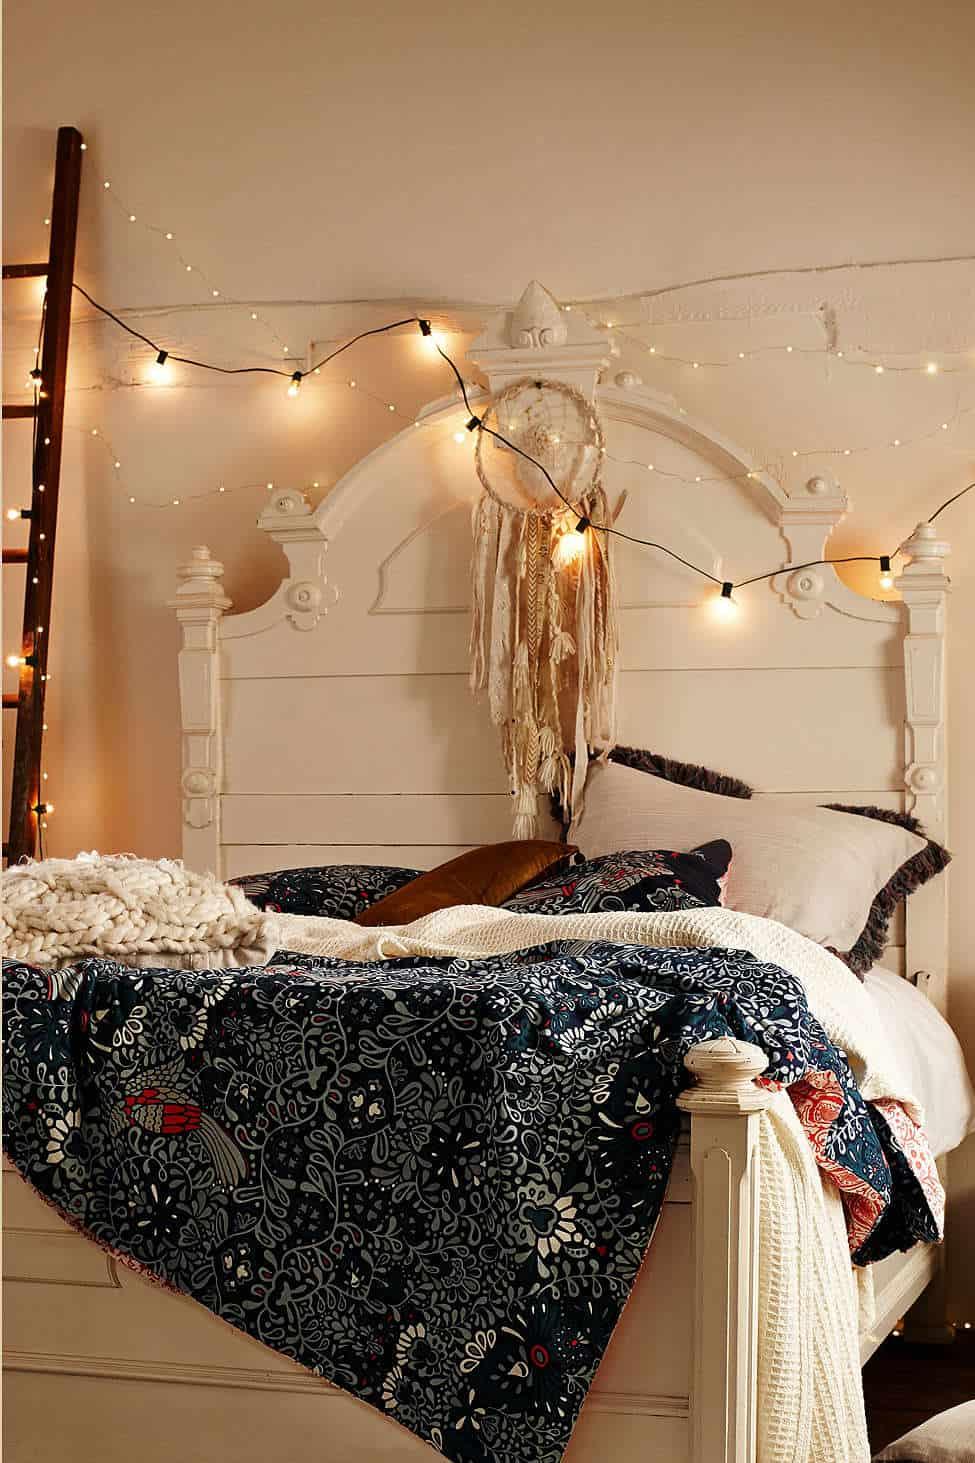 String-Lights-Home-Decor-26-1 Kindesign